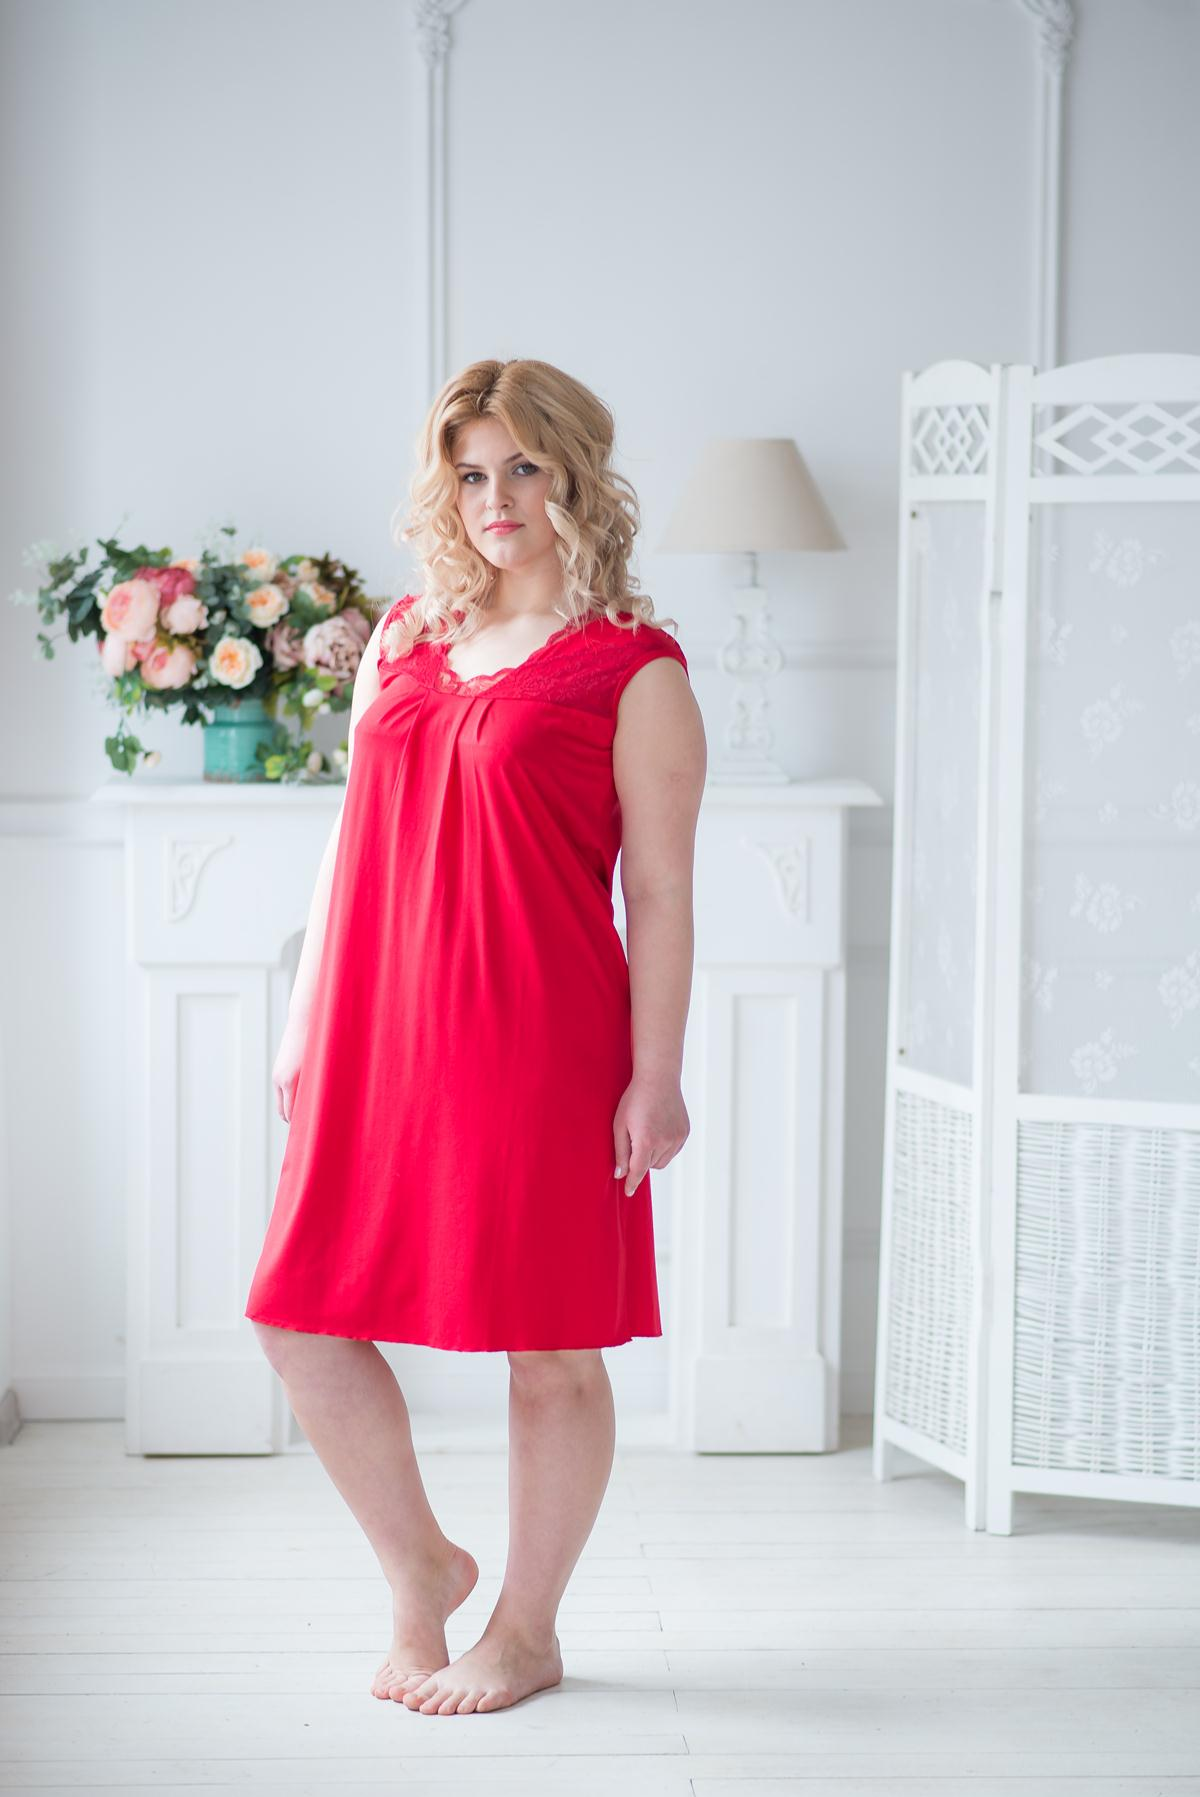 Жен. сорочка арт. 19-0041 Красный р. 56Ночные сорочки<br>Факт. ОГ: 112 см <br>Факт. ОТ: 120 см <br>Факт. ОБ: 124 см <br>Длина по спинке: 108 см<br><br>Тип: Жен. сорочка<br>Размер: 56<br>Материал: Вискоза